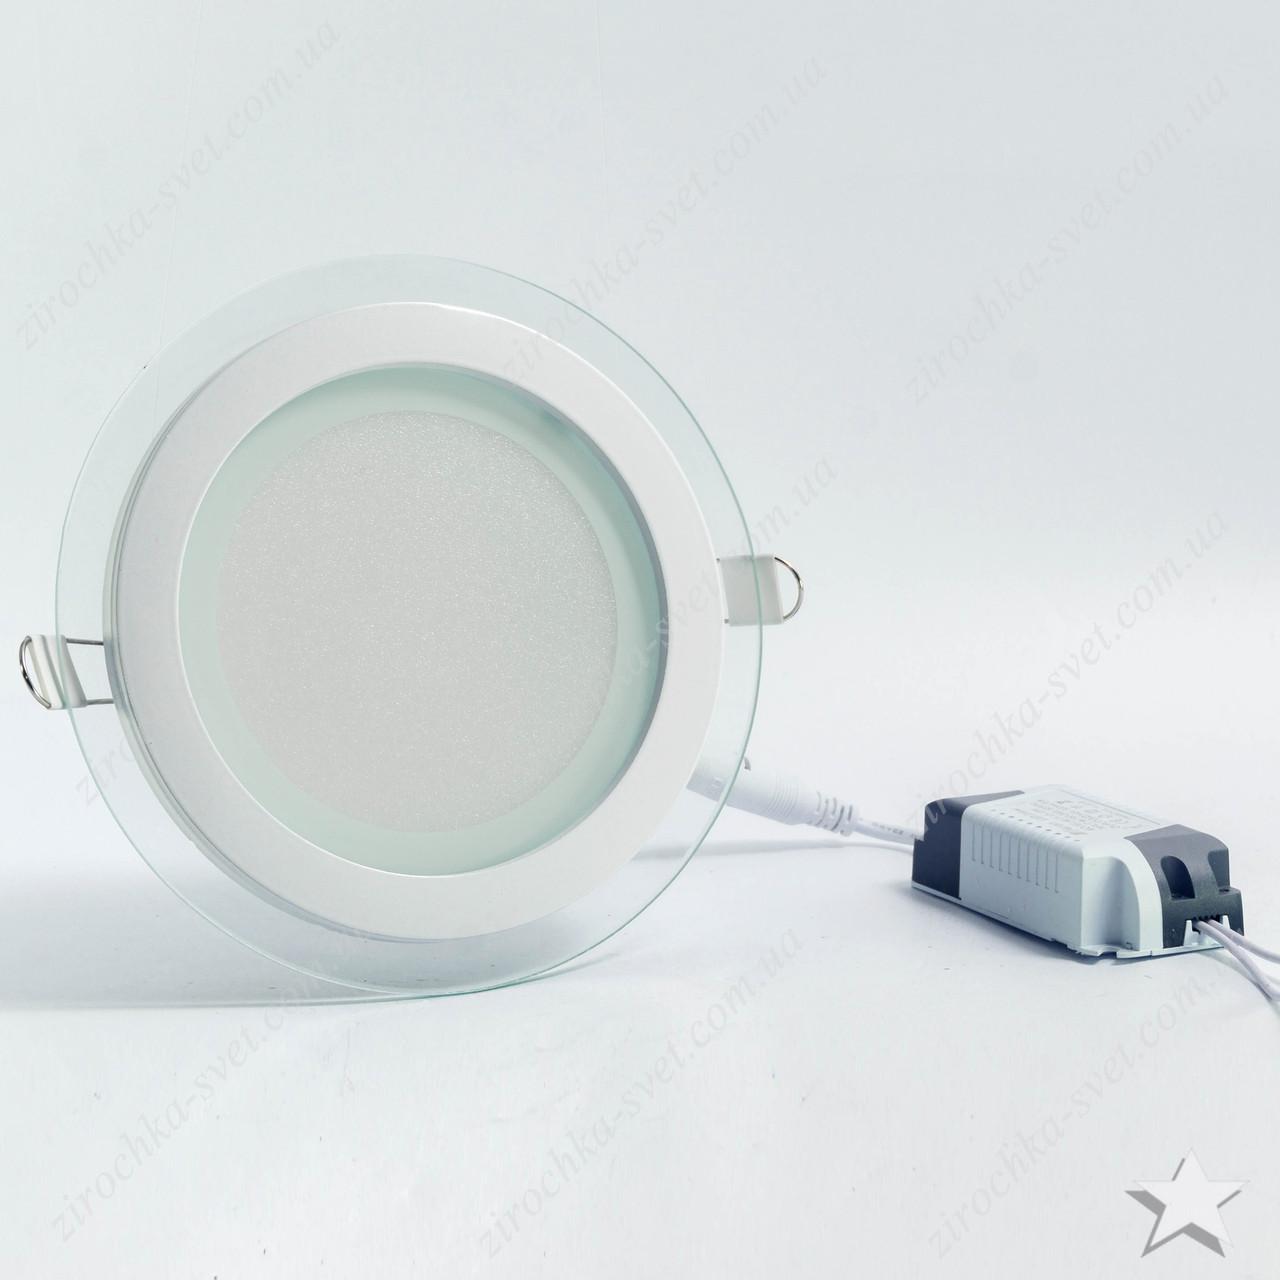 Светильник светодиодный встраиваемый со стеклом 12w Feron AL2110 OL 5000К